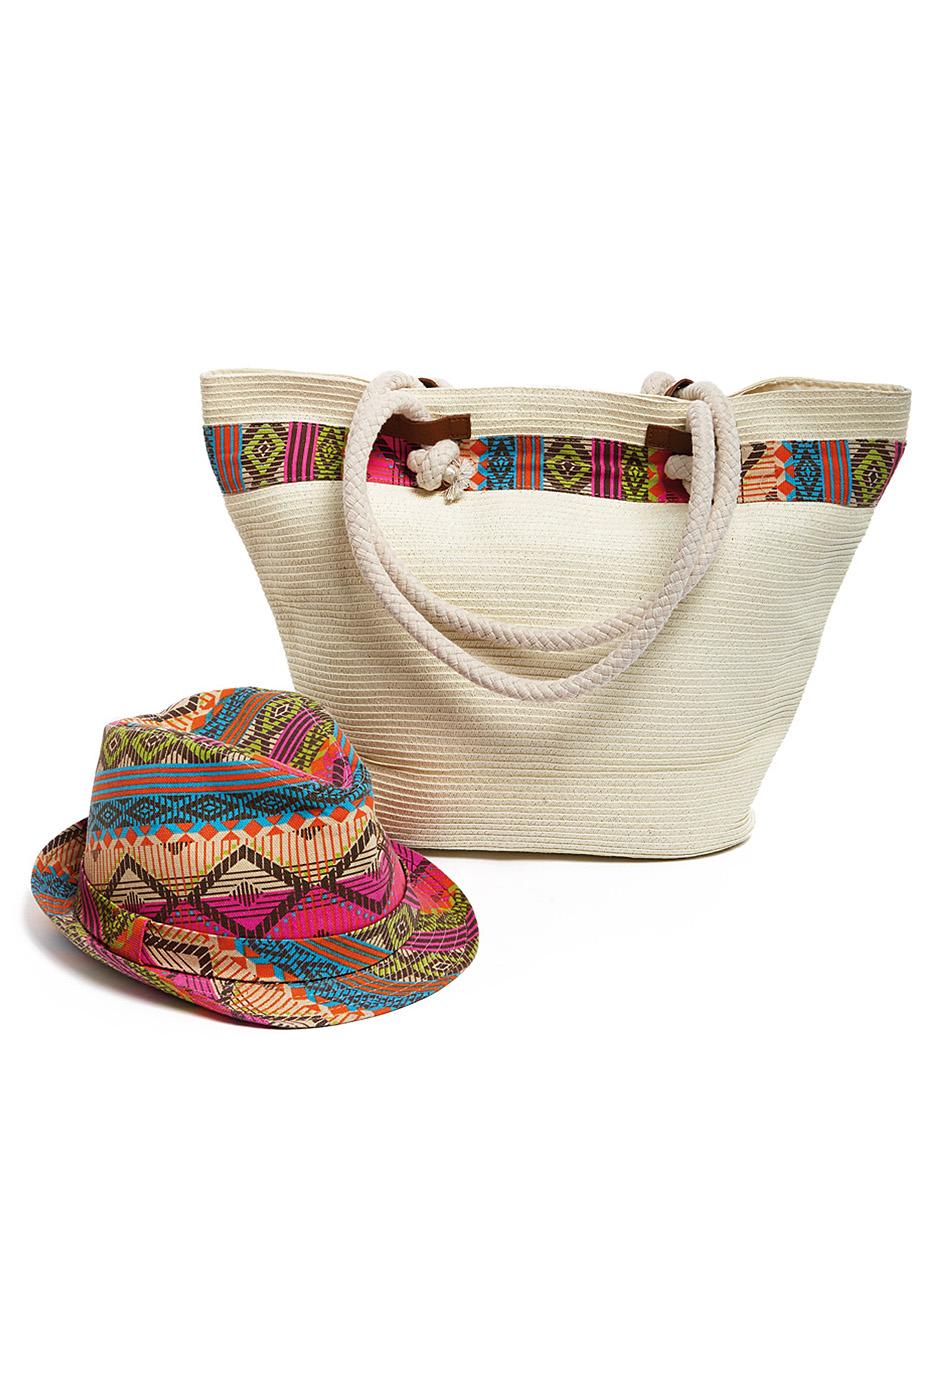 Комплект Moltini: сумка, шляпа, цвет: молочный, мультиколор. 15X00915X009Оригинальный пляжный комплект Moltini, состоящий из сумки и шляпы, выполнен из плотного текстиля. Комплект выполнен в едином стиле и оформлен контрастными оттенками. Сумка состоит из одного вместительного отделения и закрывается на магнитную кнопку. Внутри размещены два накладных кармана для телефона и мелочей и один вшитый карман на молнии. Оригинальная форма ручек и натуральные материалы делают эту сумку особенно удобной для ношения на плече. Шляпа надежно защитит волосы и лицо от ярких солнечных лучей. Шляпа выполнена в едином стиле с сумкой и достойно завершит комплект. Комплект Moltini идеально подойдет для похода на пляж, для загородной поездки.